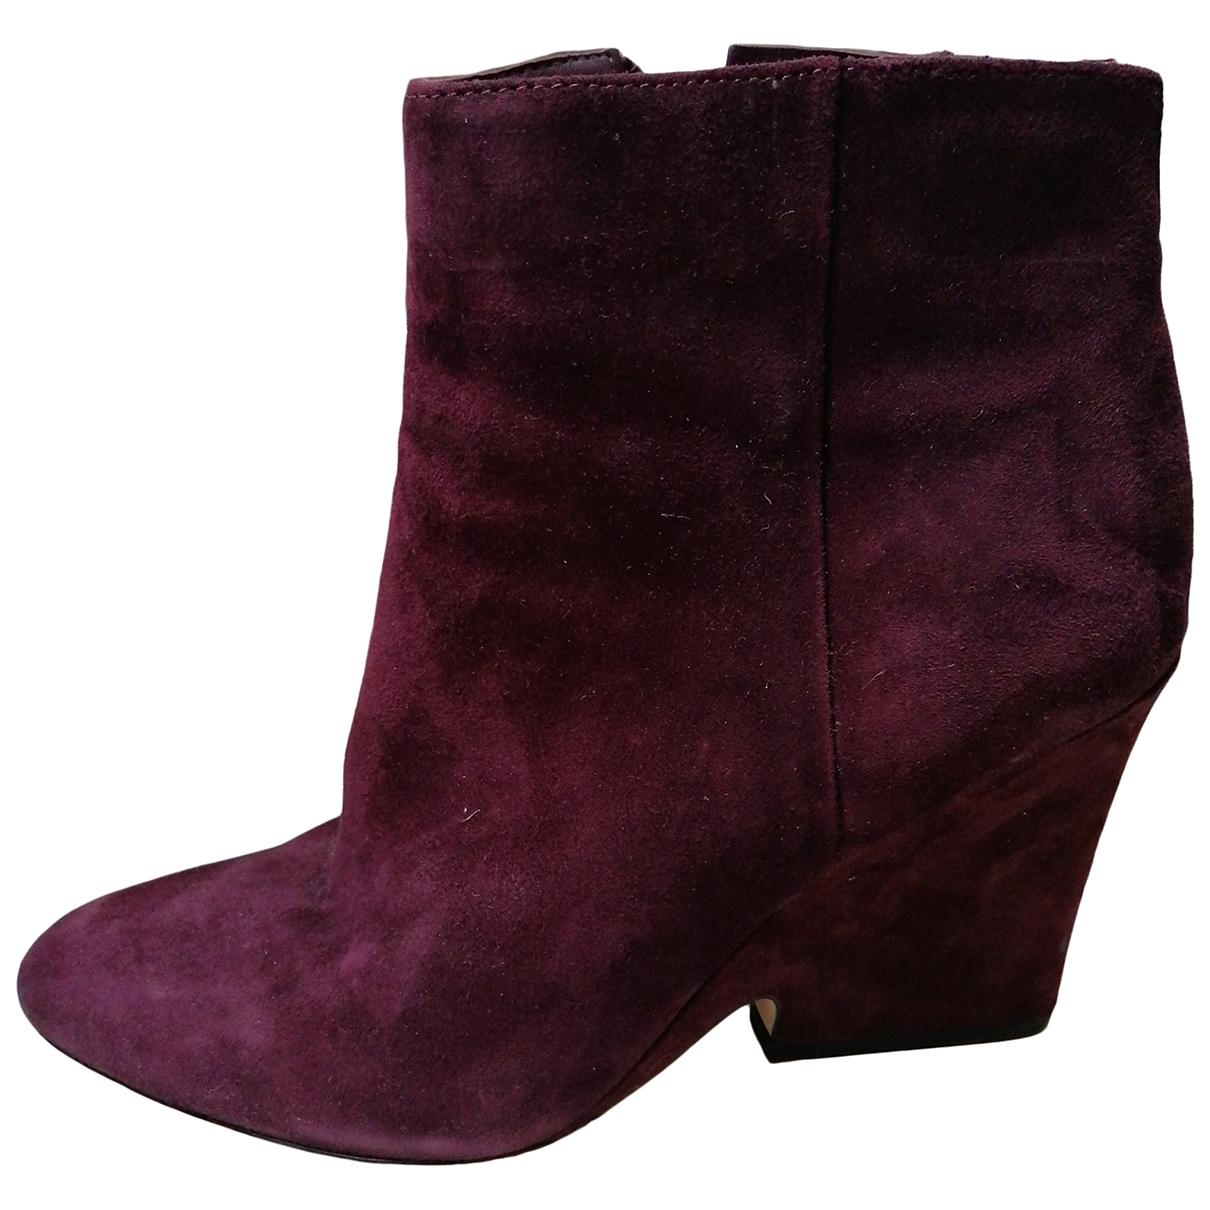 Sam Edelman - Boots   pour femme en suede - bordeaux